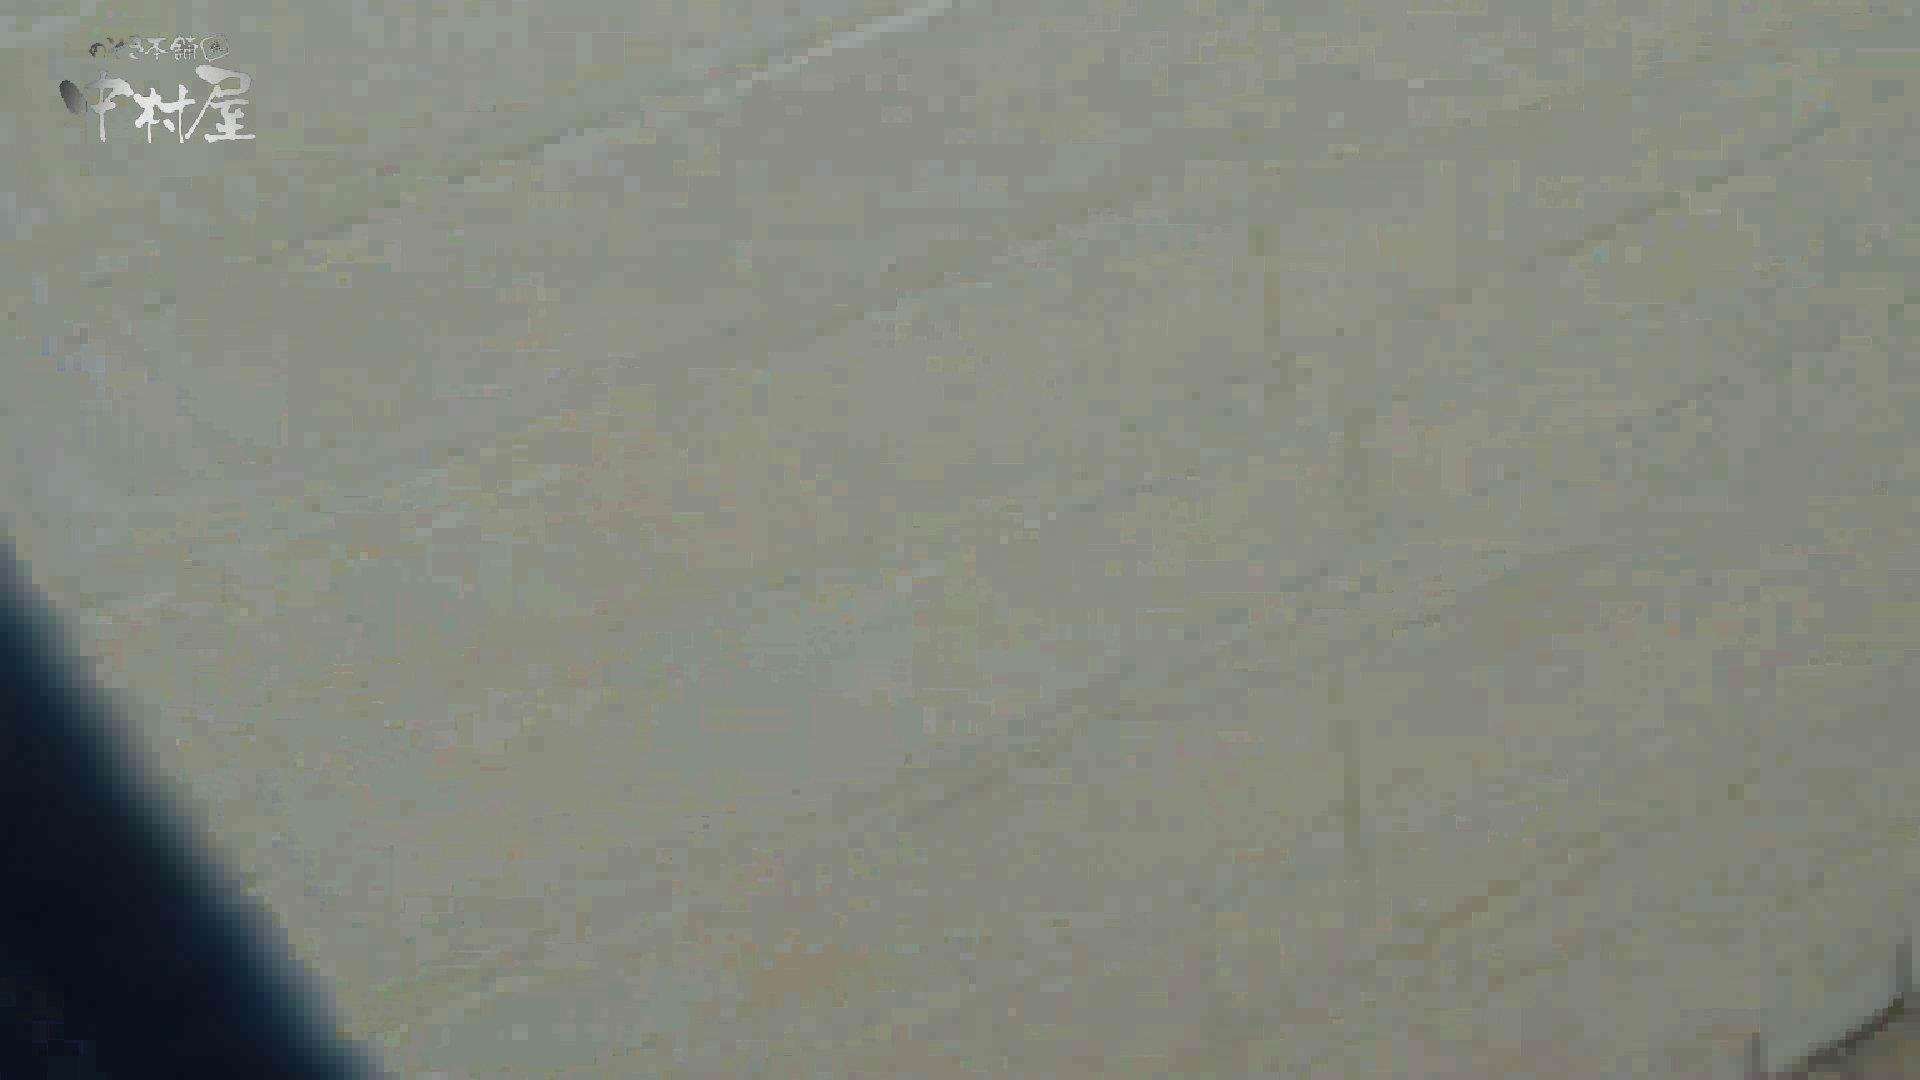 洗面所突入レポート!!vol.7 盗撮師作品 オマンコ動画キャプチャ 103pic 3